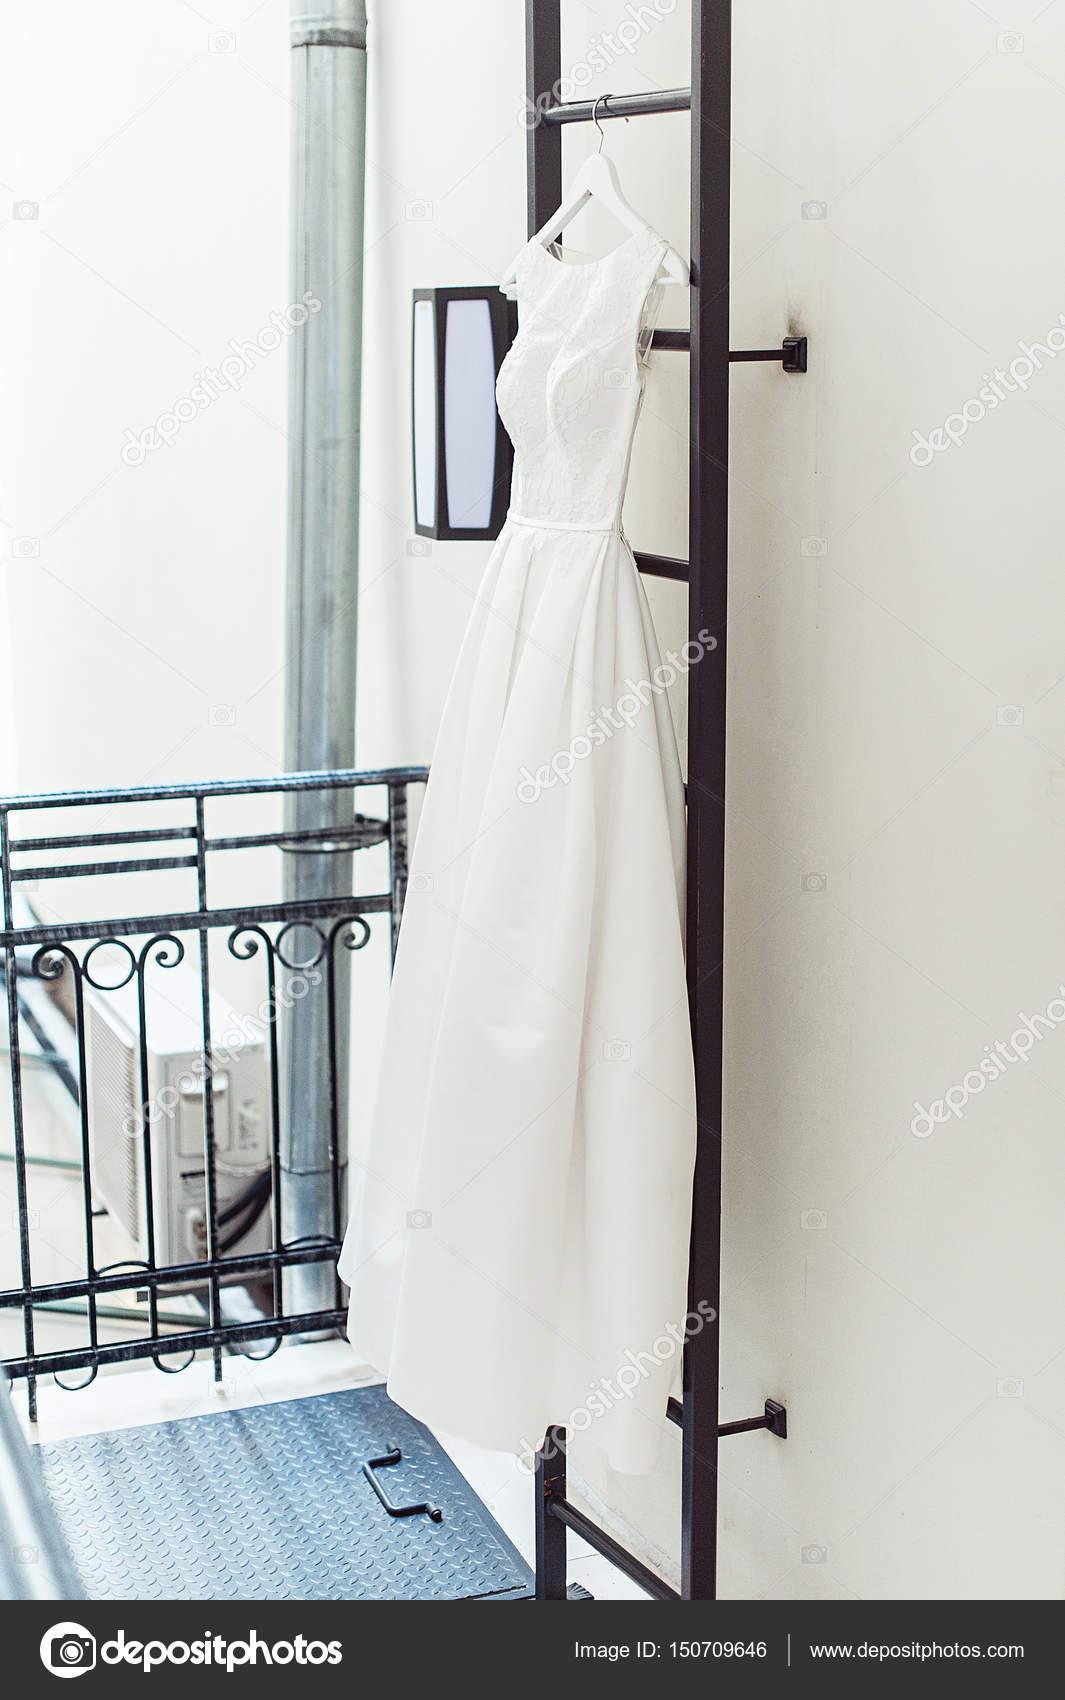 d07455ae0448 Πανέμορφο λευκό νυφικό σε μια φωτιά σκάλα στο μπαλκόνι. Αξεσουάρ νύφες την  ημέρα του γάμου